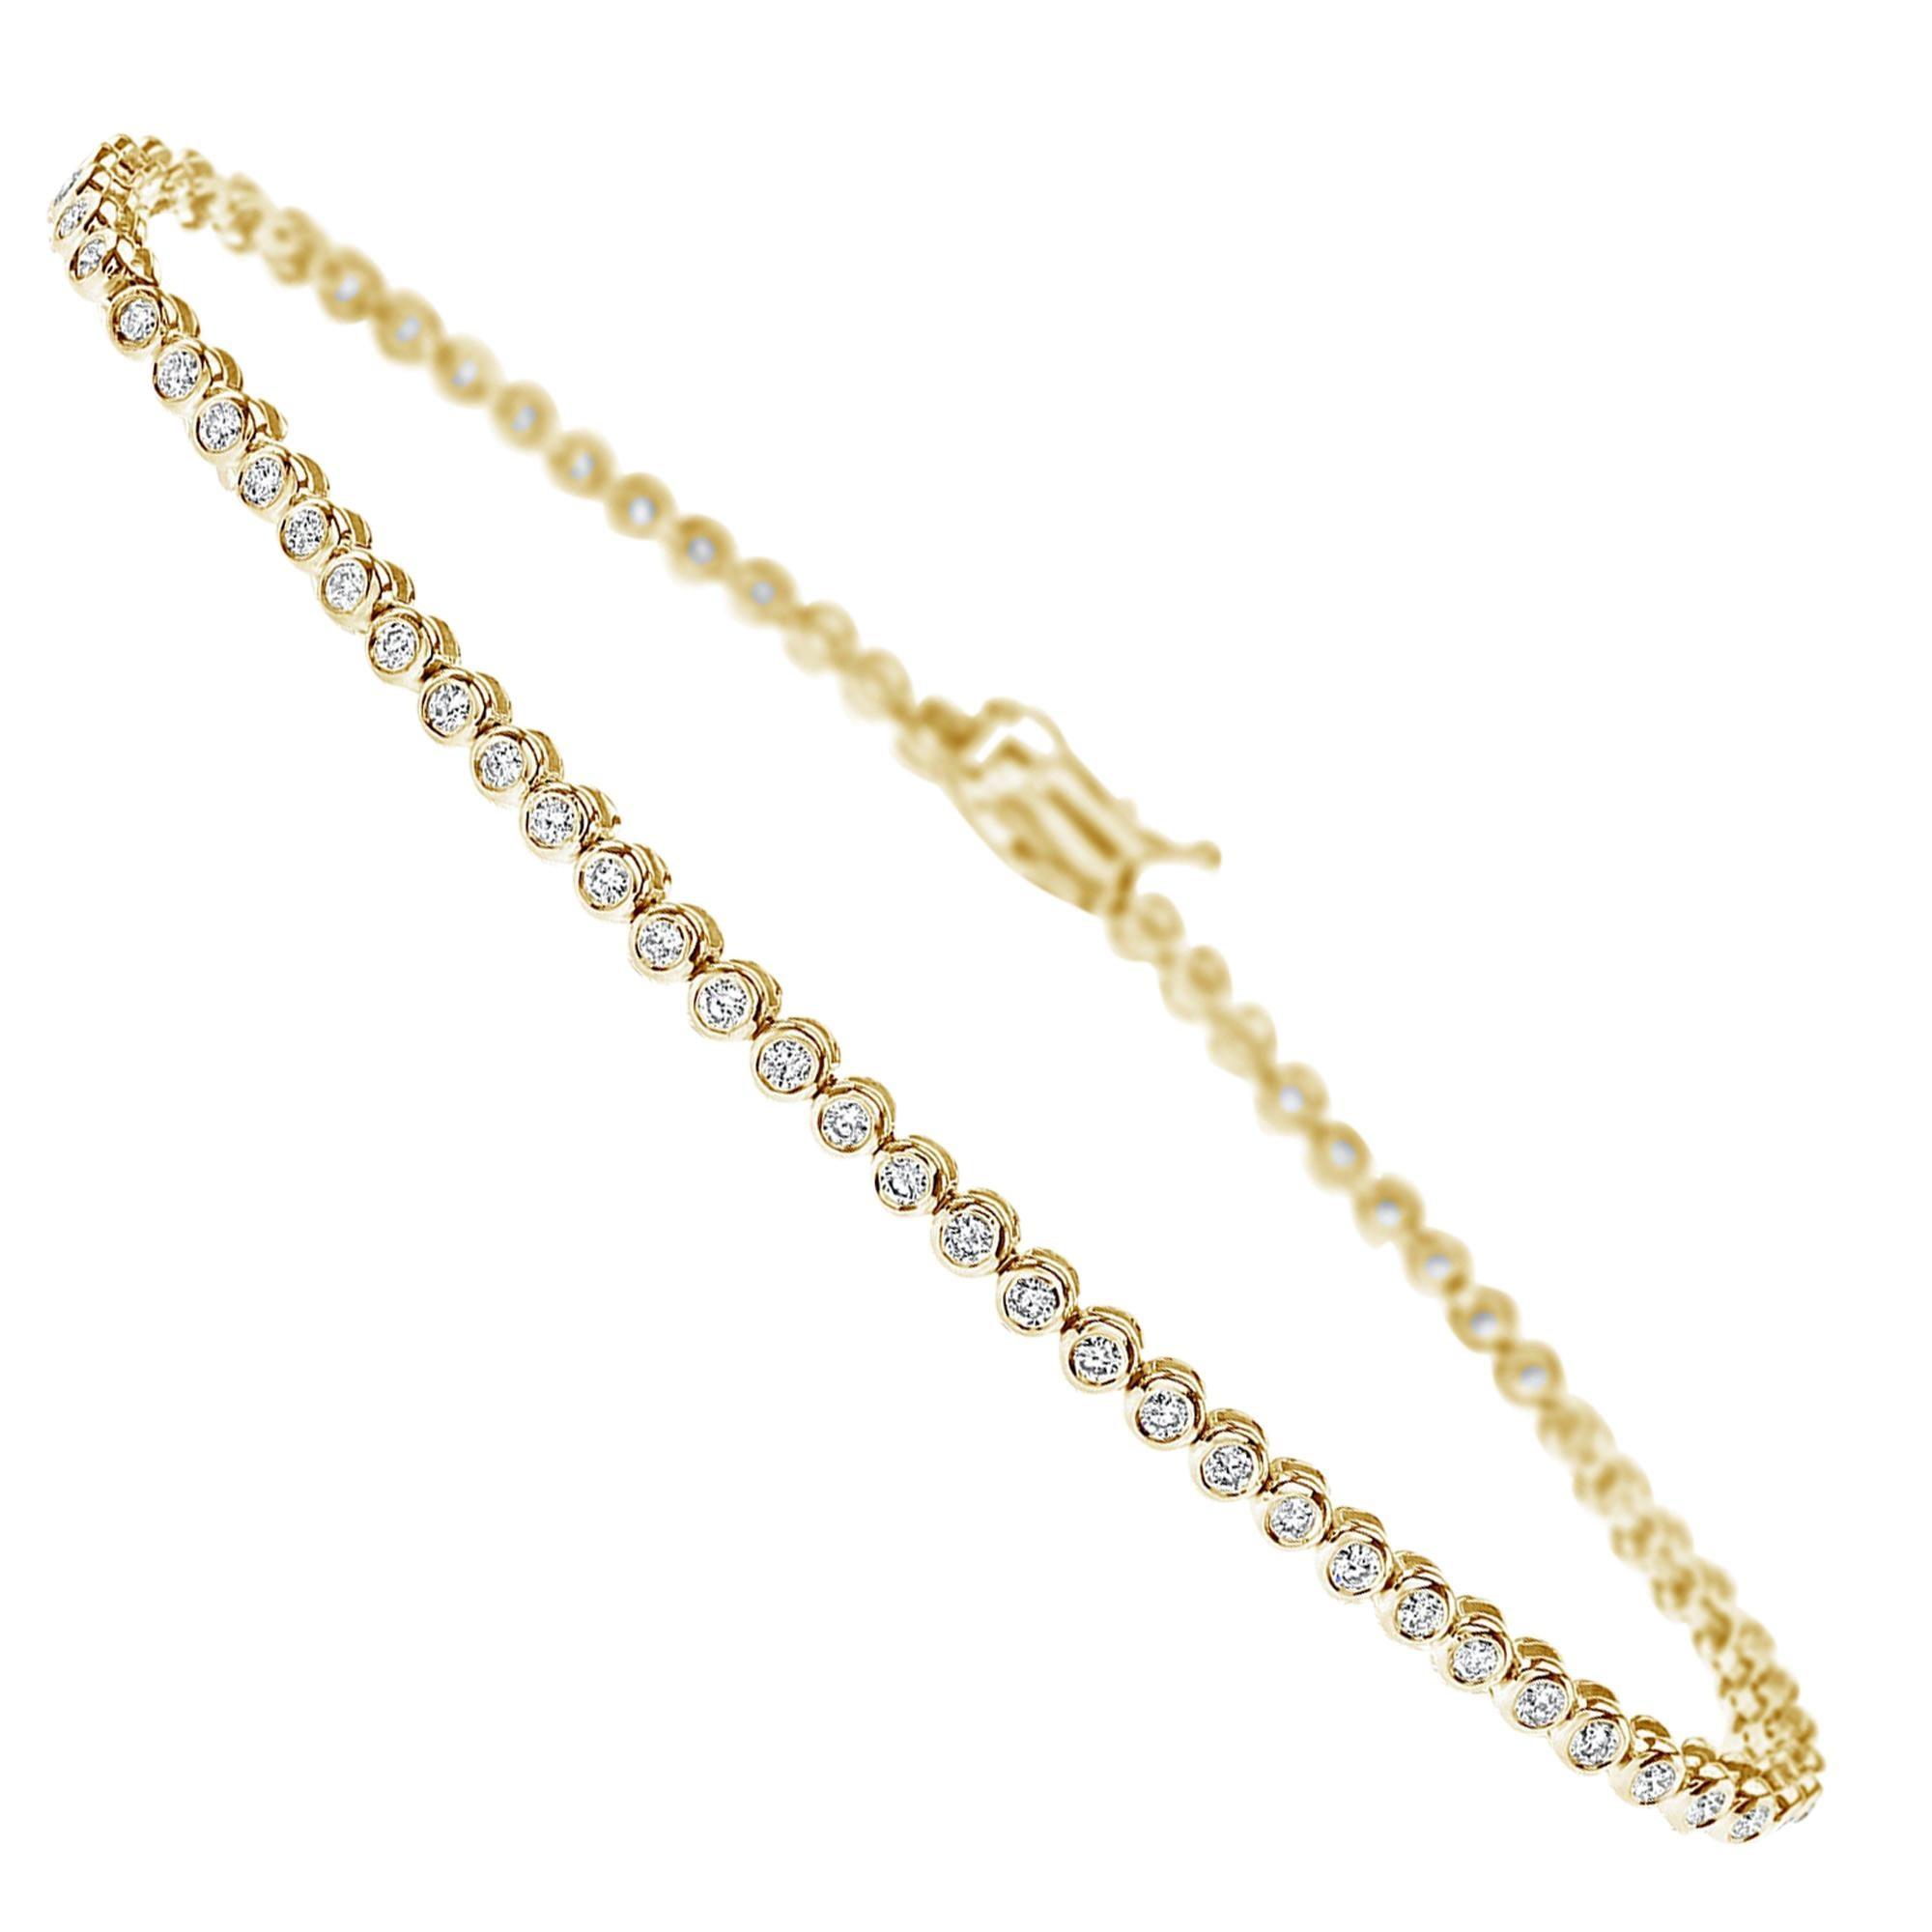 1.20 Carat Diamonds Tennis Bracelet in 14 Karat Yellow Gold - Shlomit Rogel